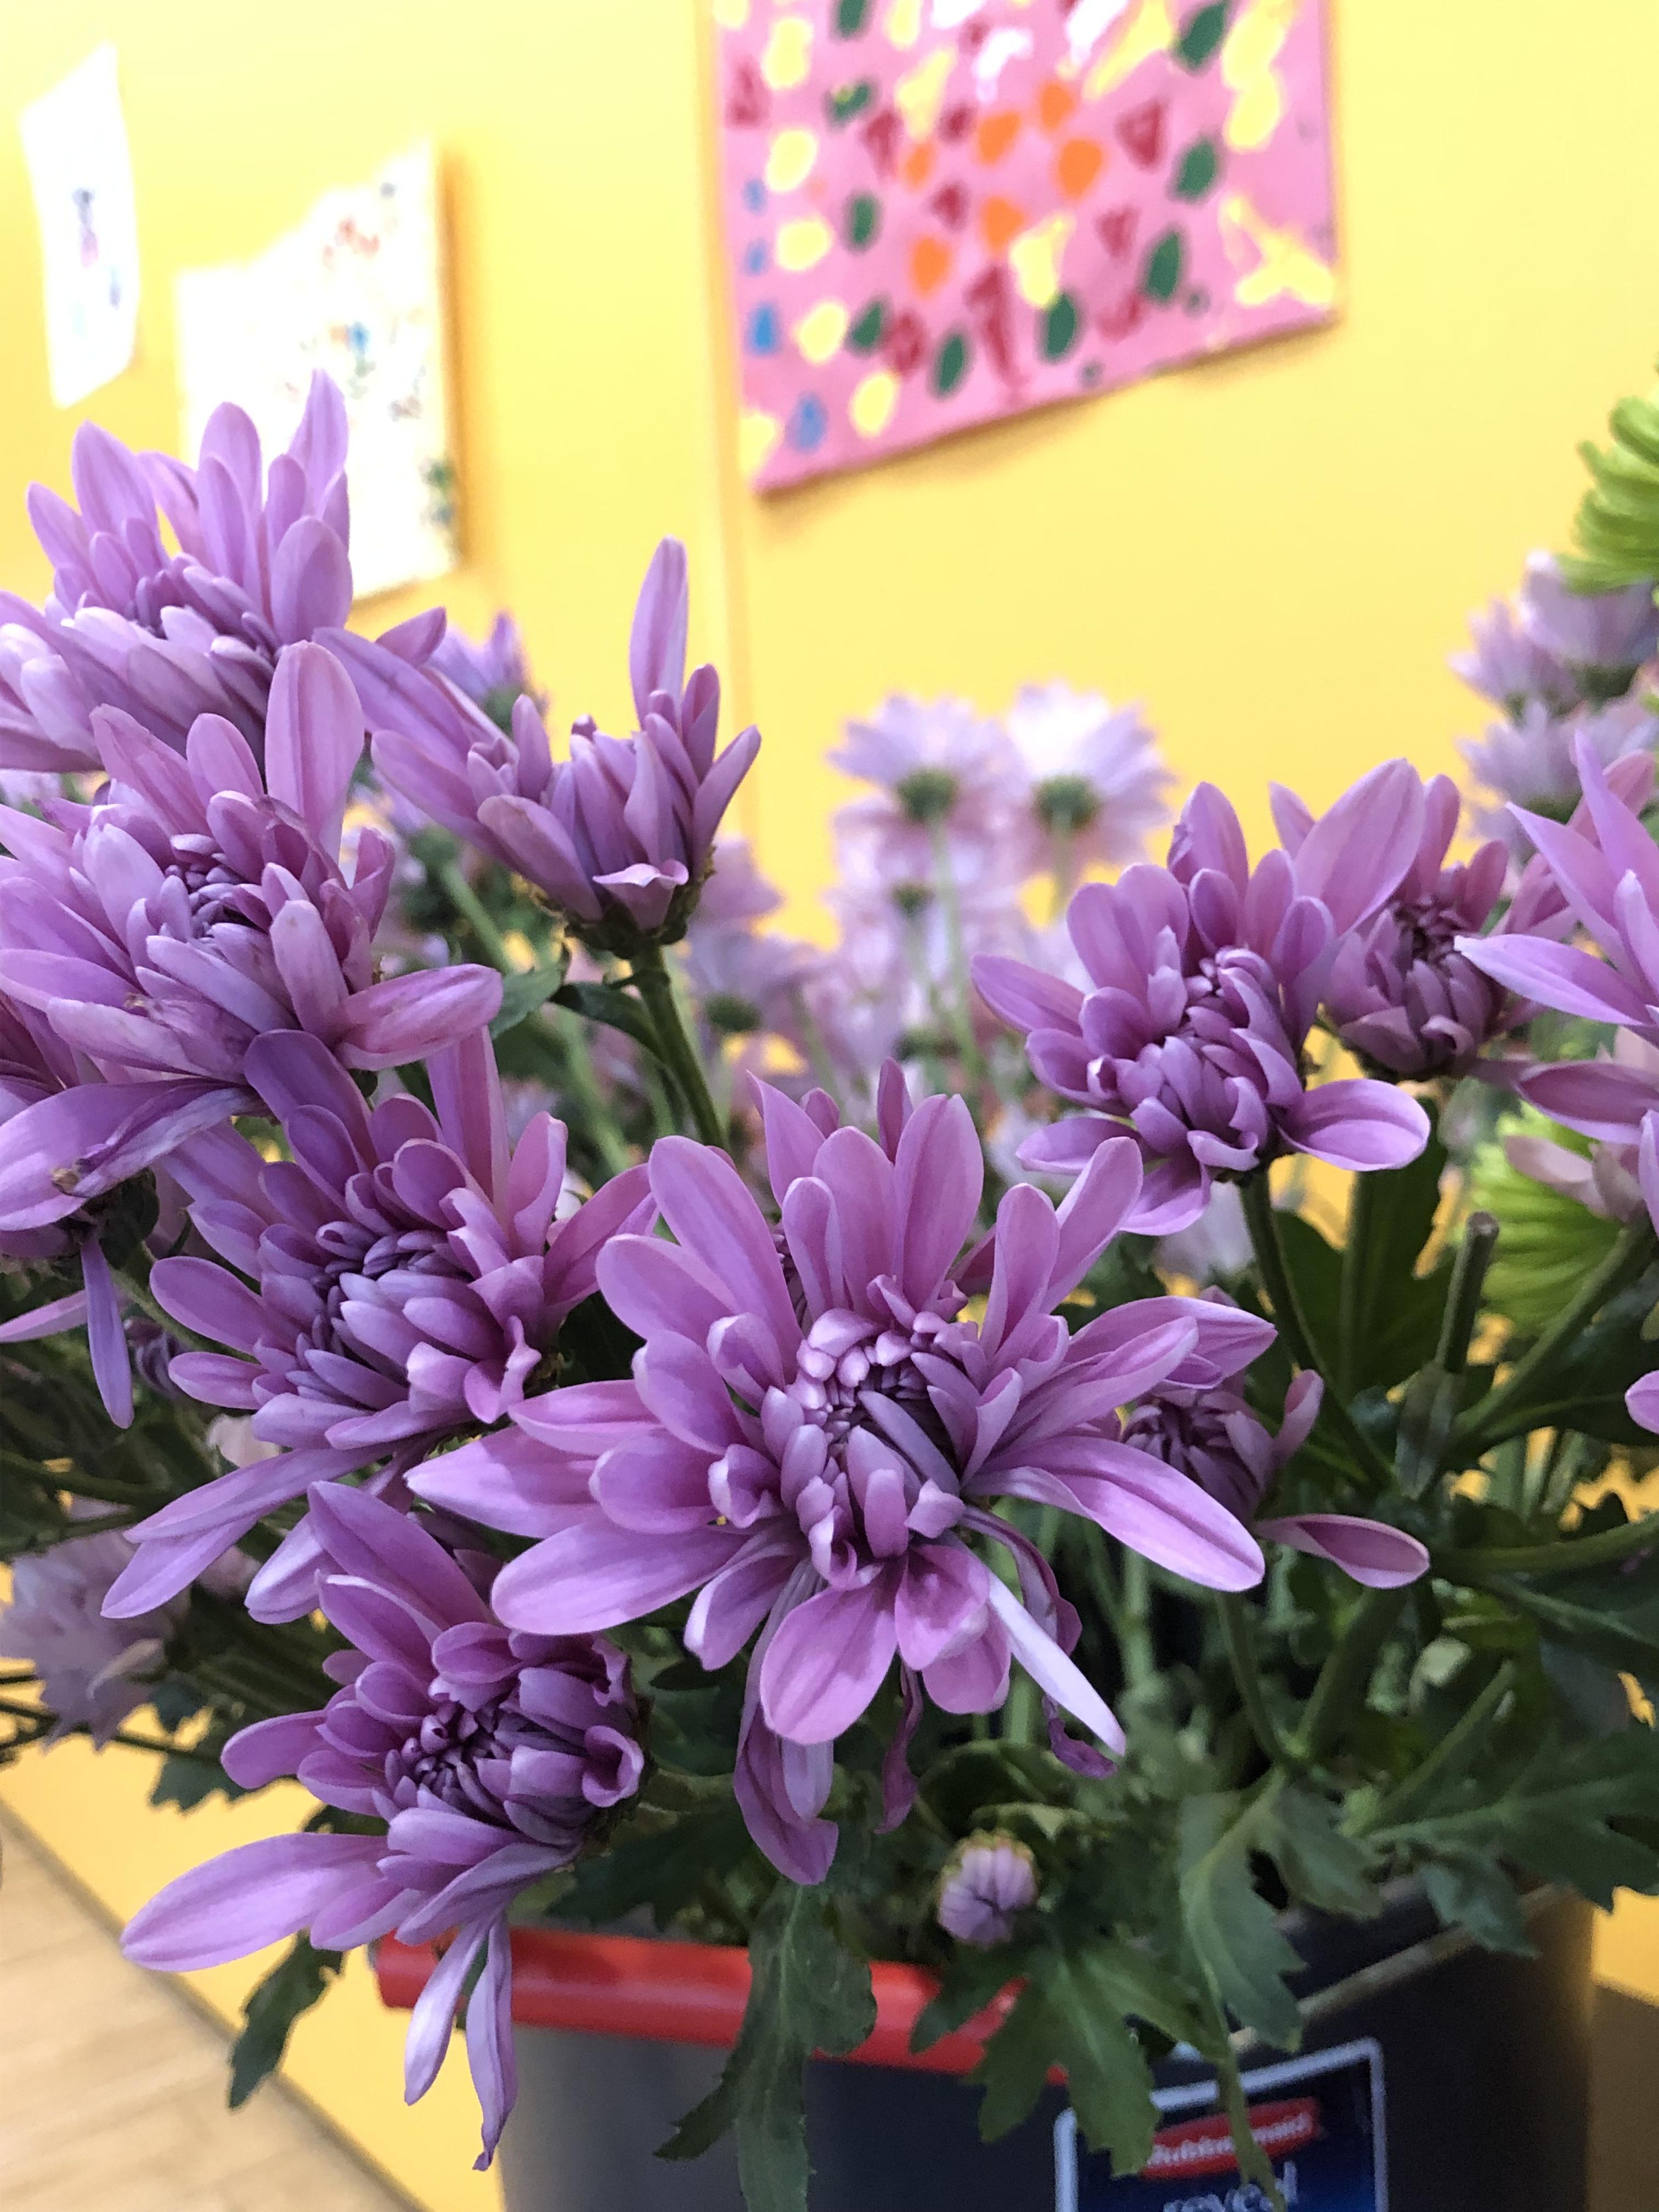 floral arragement